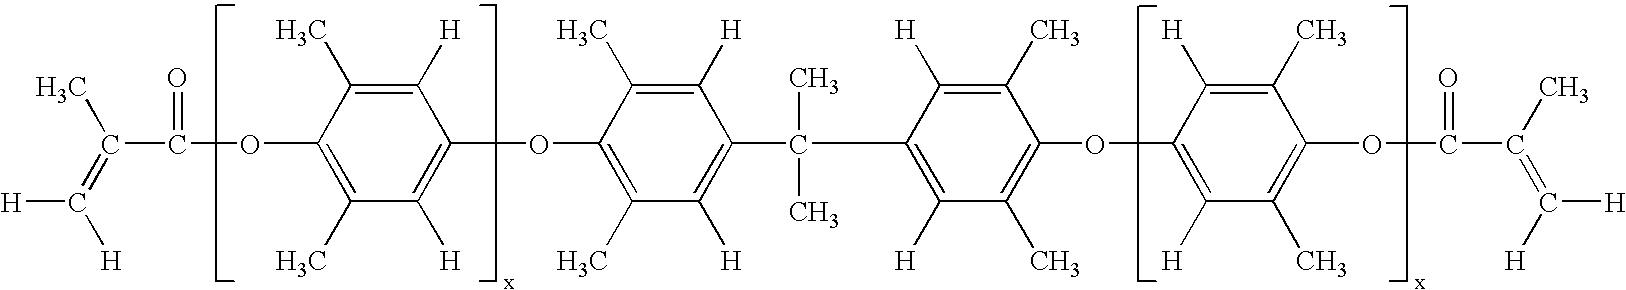 Figure US20080051522A1-20080228-C00029